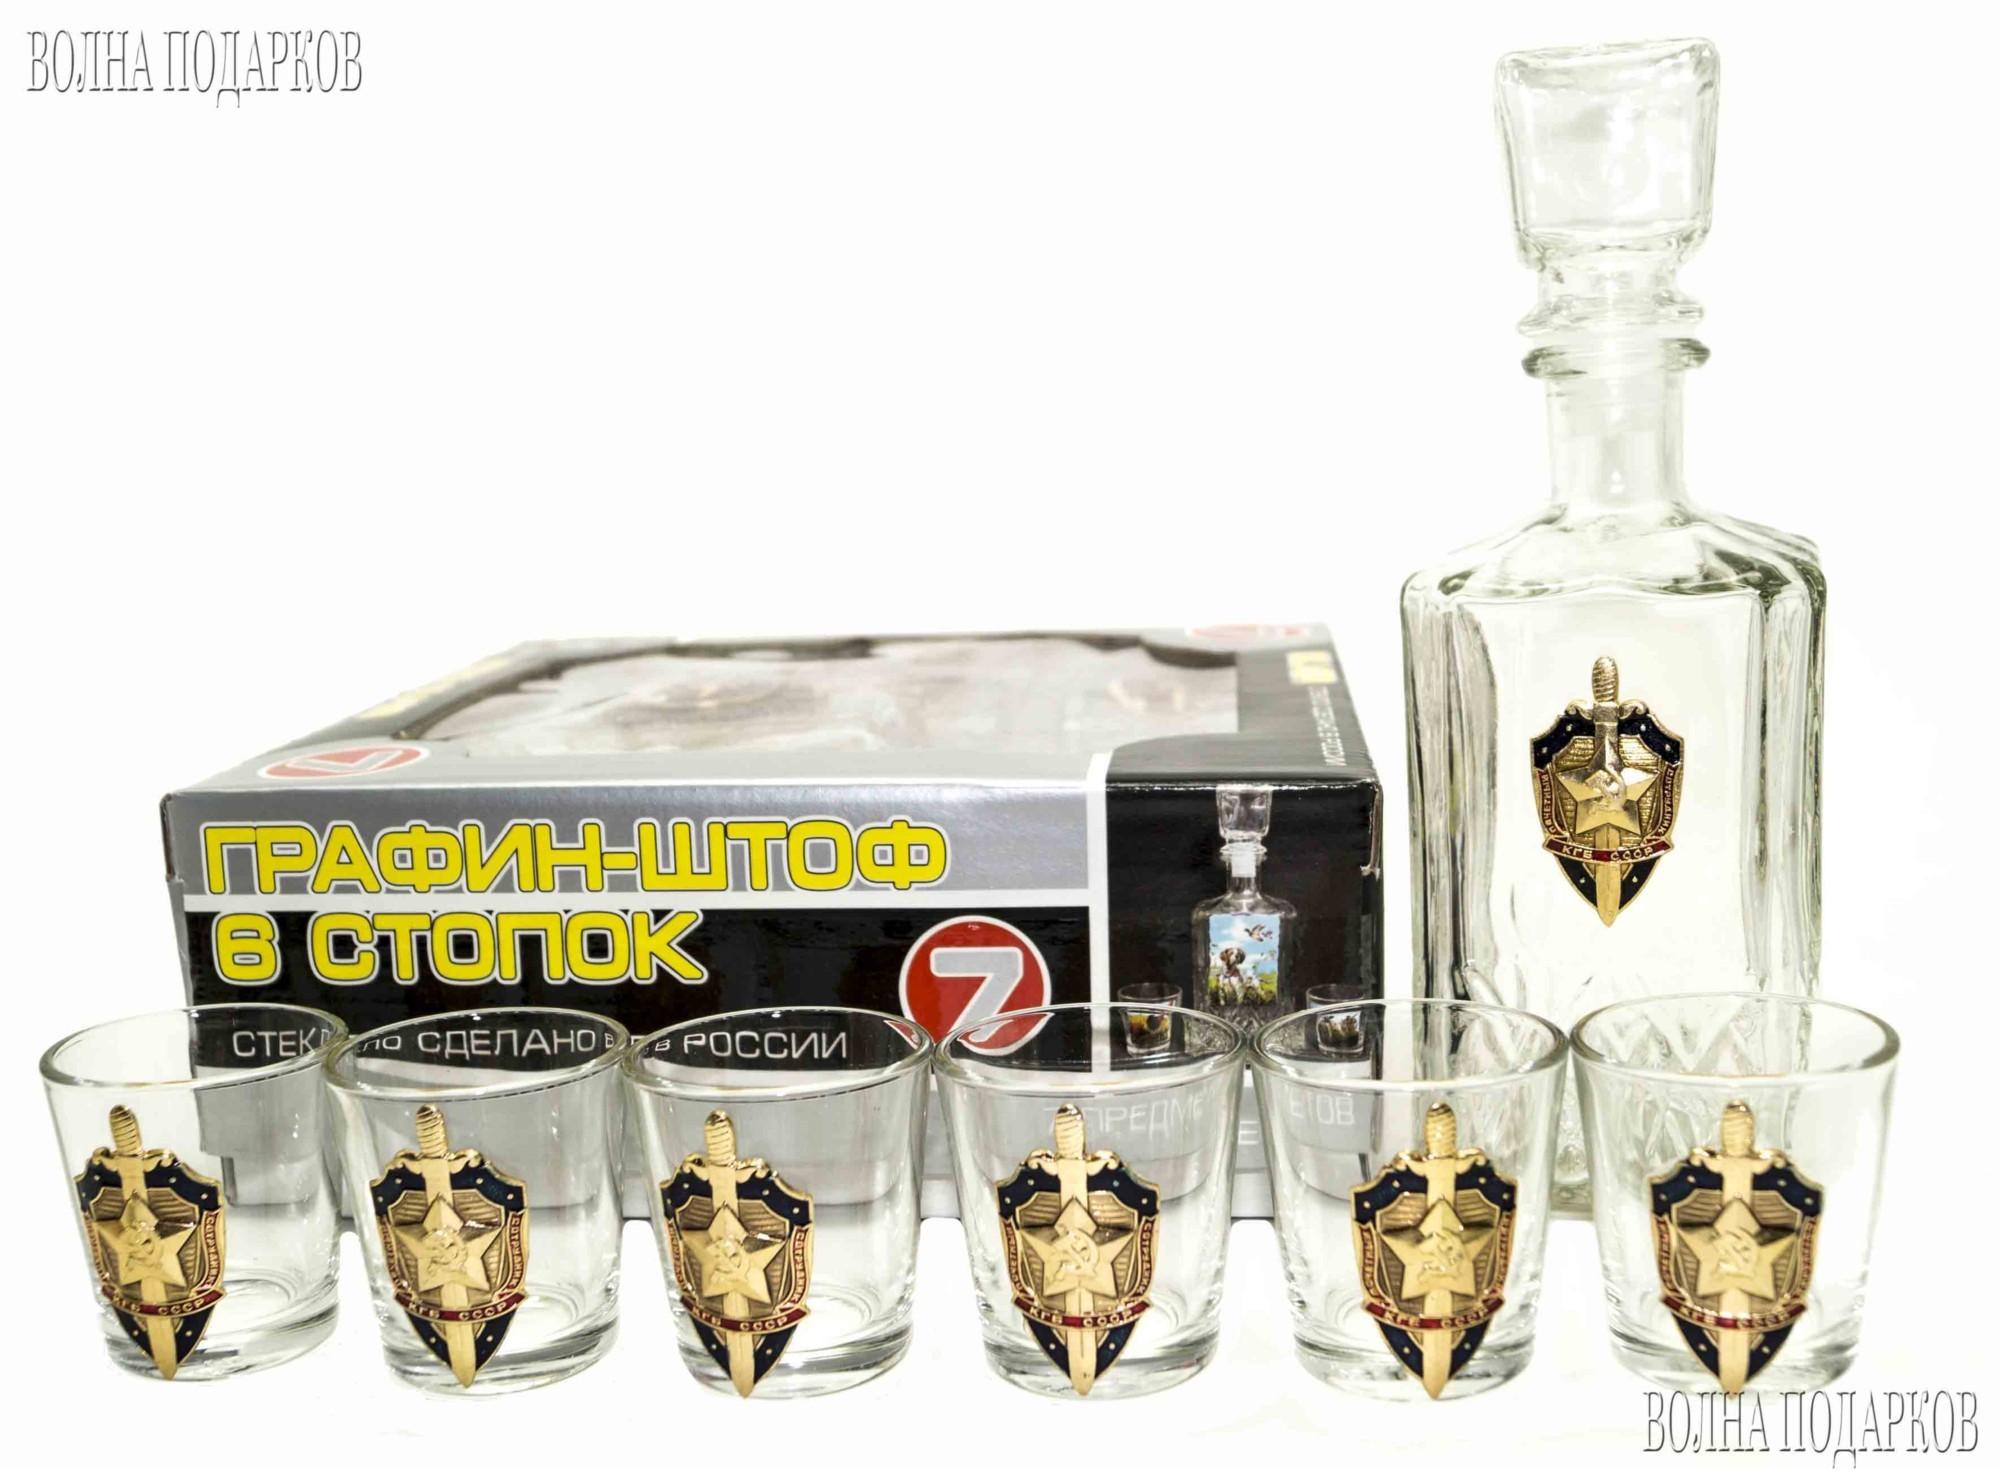 Набор для крепких напитков КГБ